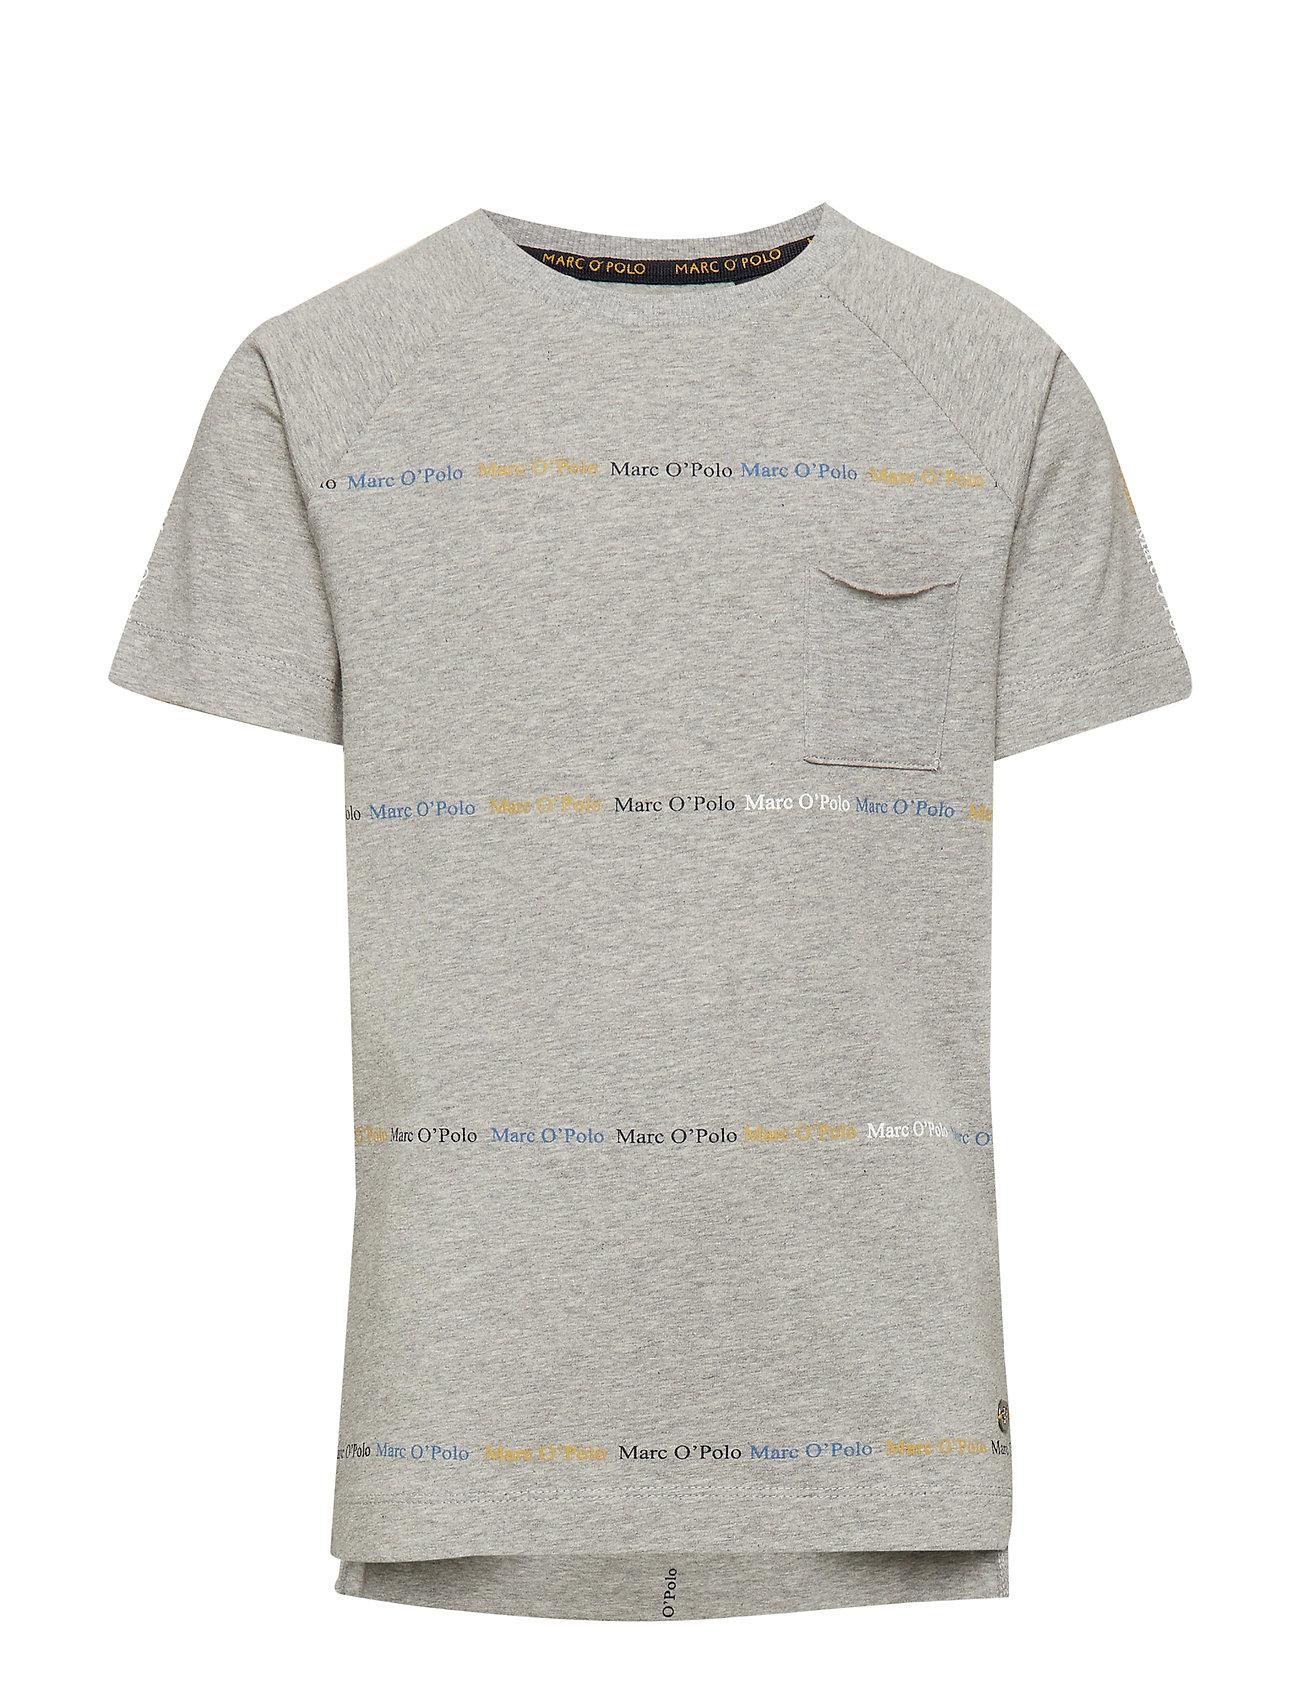 innovative design 471e9 9a11f T-shirt